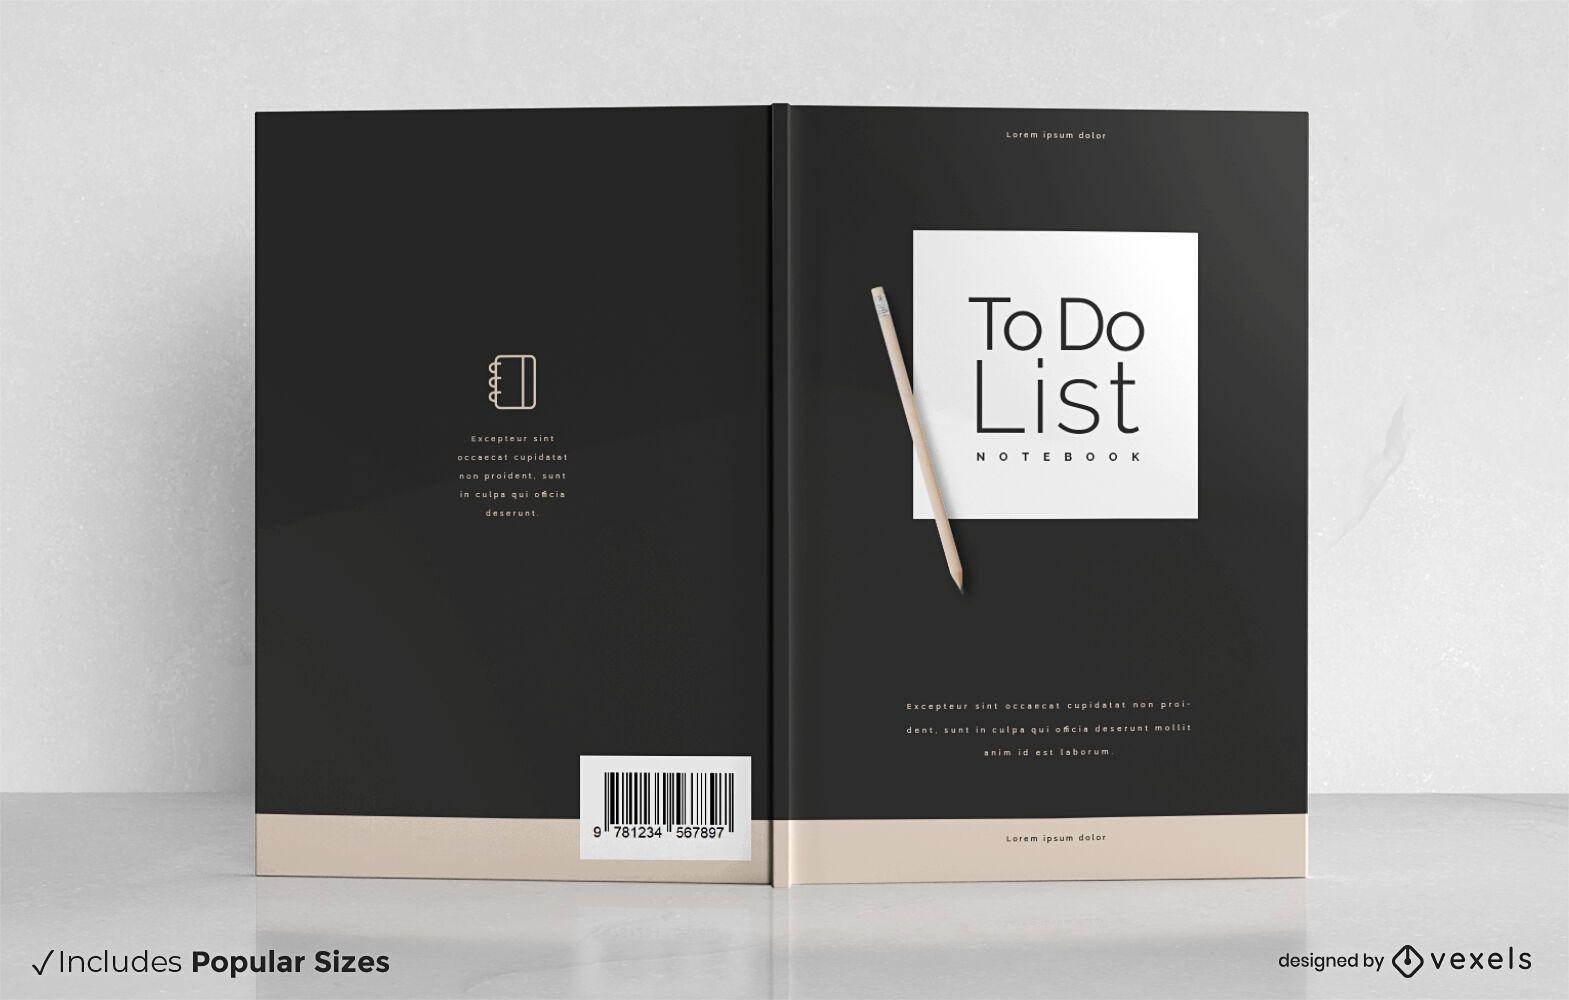 Zu tun Liste Notebook Cover Design